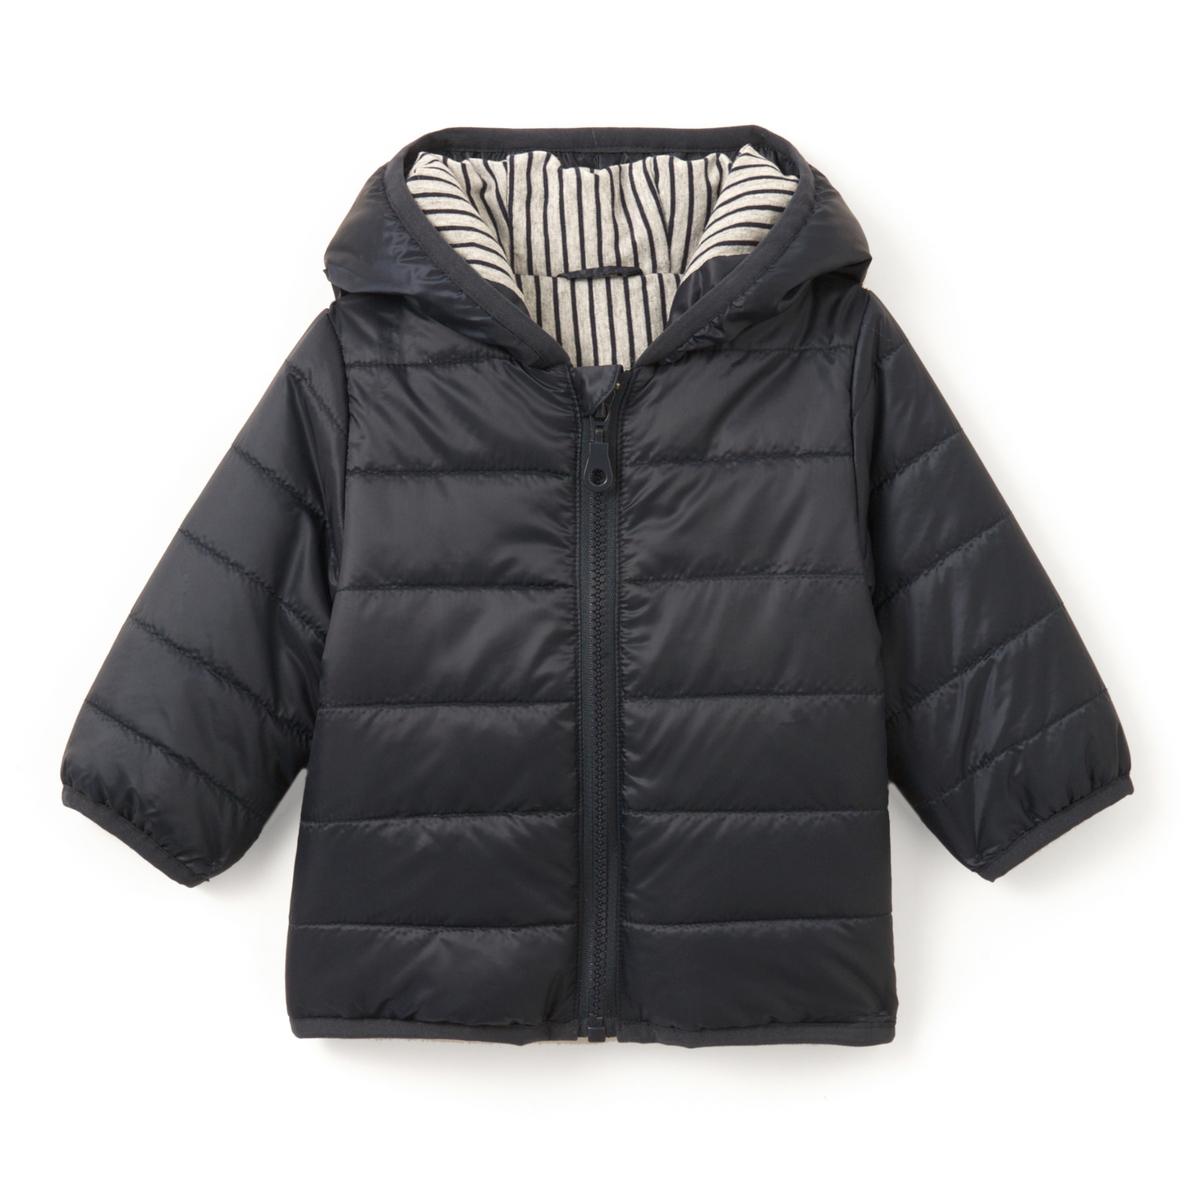 Куртка легкая с капюшоном, 1 мес. - 3 летЛегкая куртка с капюшоном на ватине, с водоотталкивающей пропиткой. Капюшон на подкладке из джерси в полоску. Застежка на молнию.Состав и описание :    Материал       100% полиэстер Подкладка    100% полиэстер Ватин   100% полиэстер  Уход: : Машинная стирка при 30 °C на умеренном режиме с вещами схожих цветов. Машинная сушка запрещена. Не гладить.<br><br>Цвет: синий морской<br>Размер: 3 года - 94 см.2 года - 86 см.18 мес. - 81 см.1 год - 74 см.9 мес. - 71 см.6 мес. - 67 см.3 мес. - 60 см